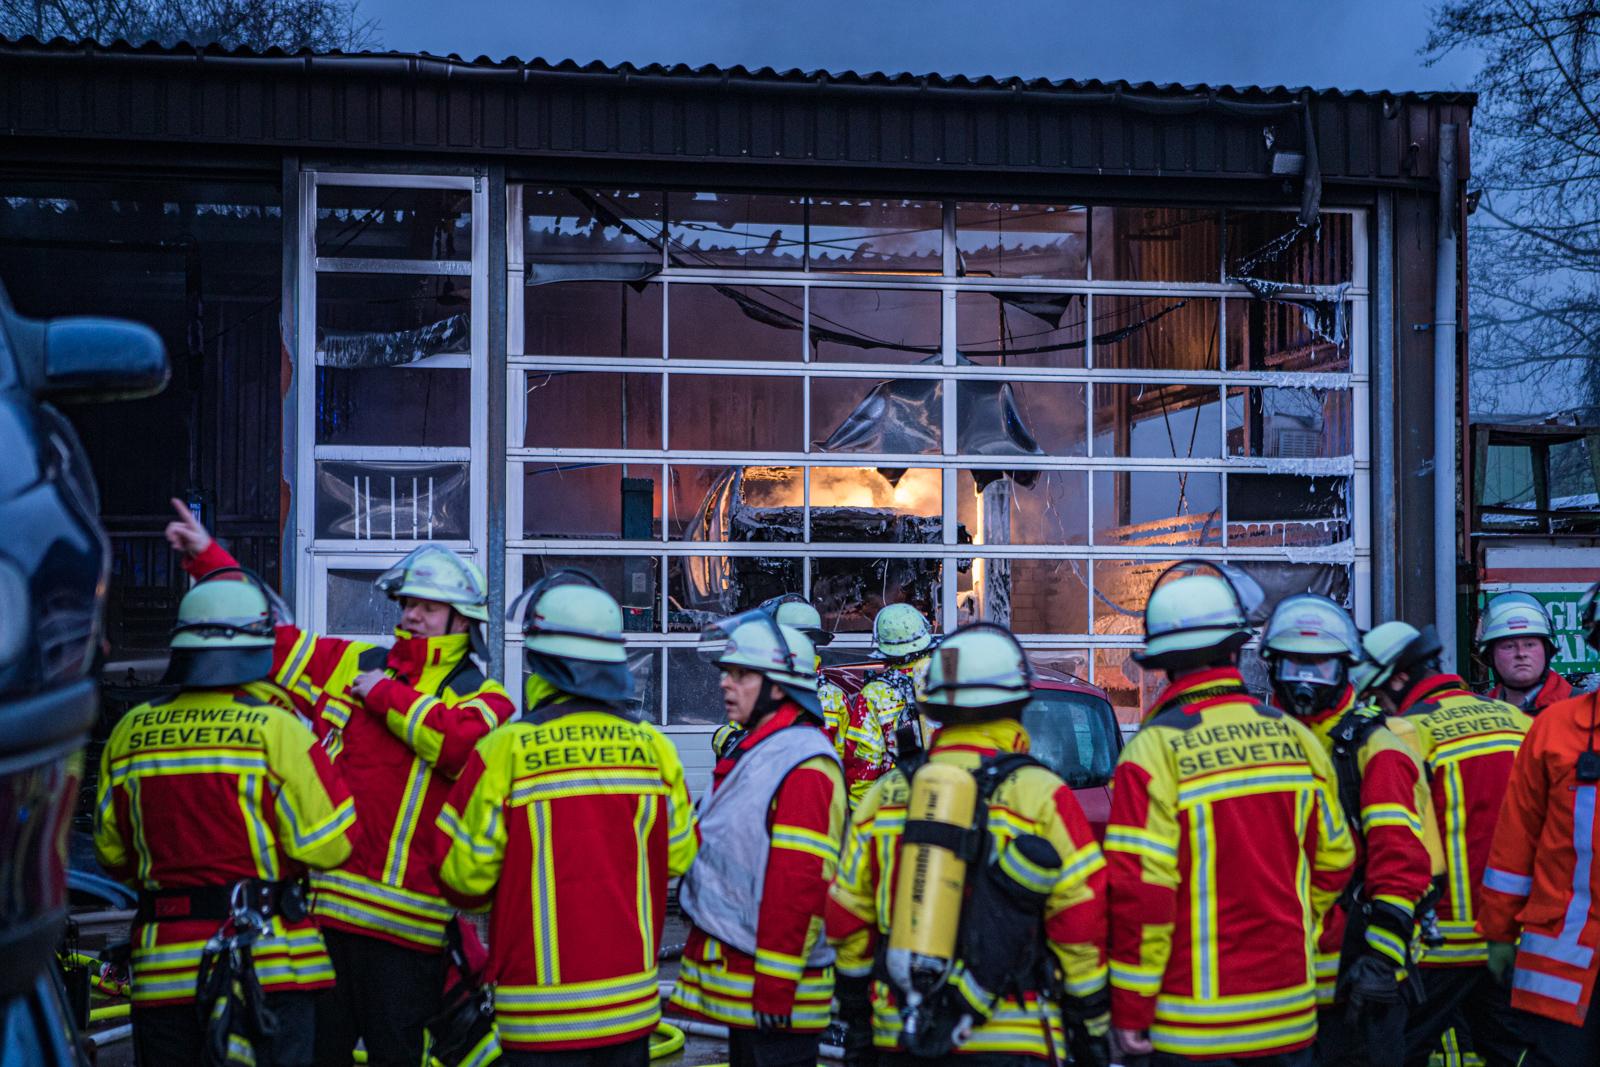 Großbrand in letzter Sekunde verhindert: 140 Feuerwehrleute im Einsatz – 1 Verletzte Person